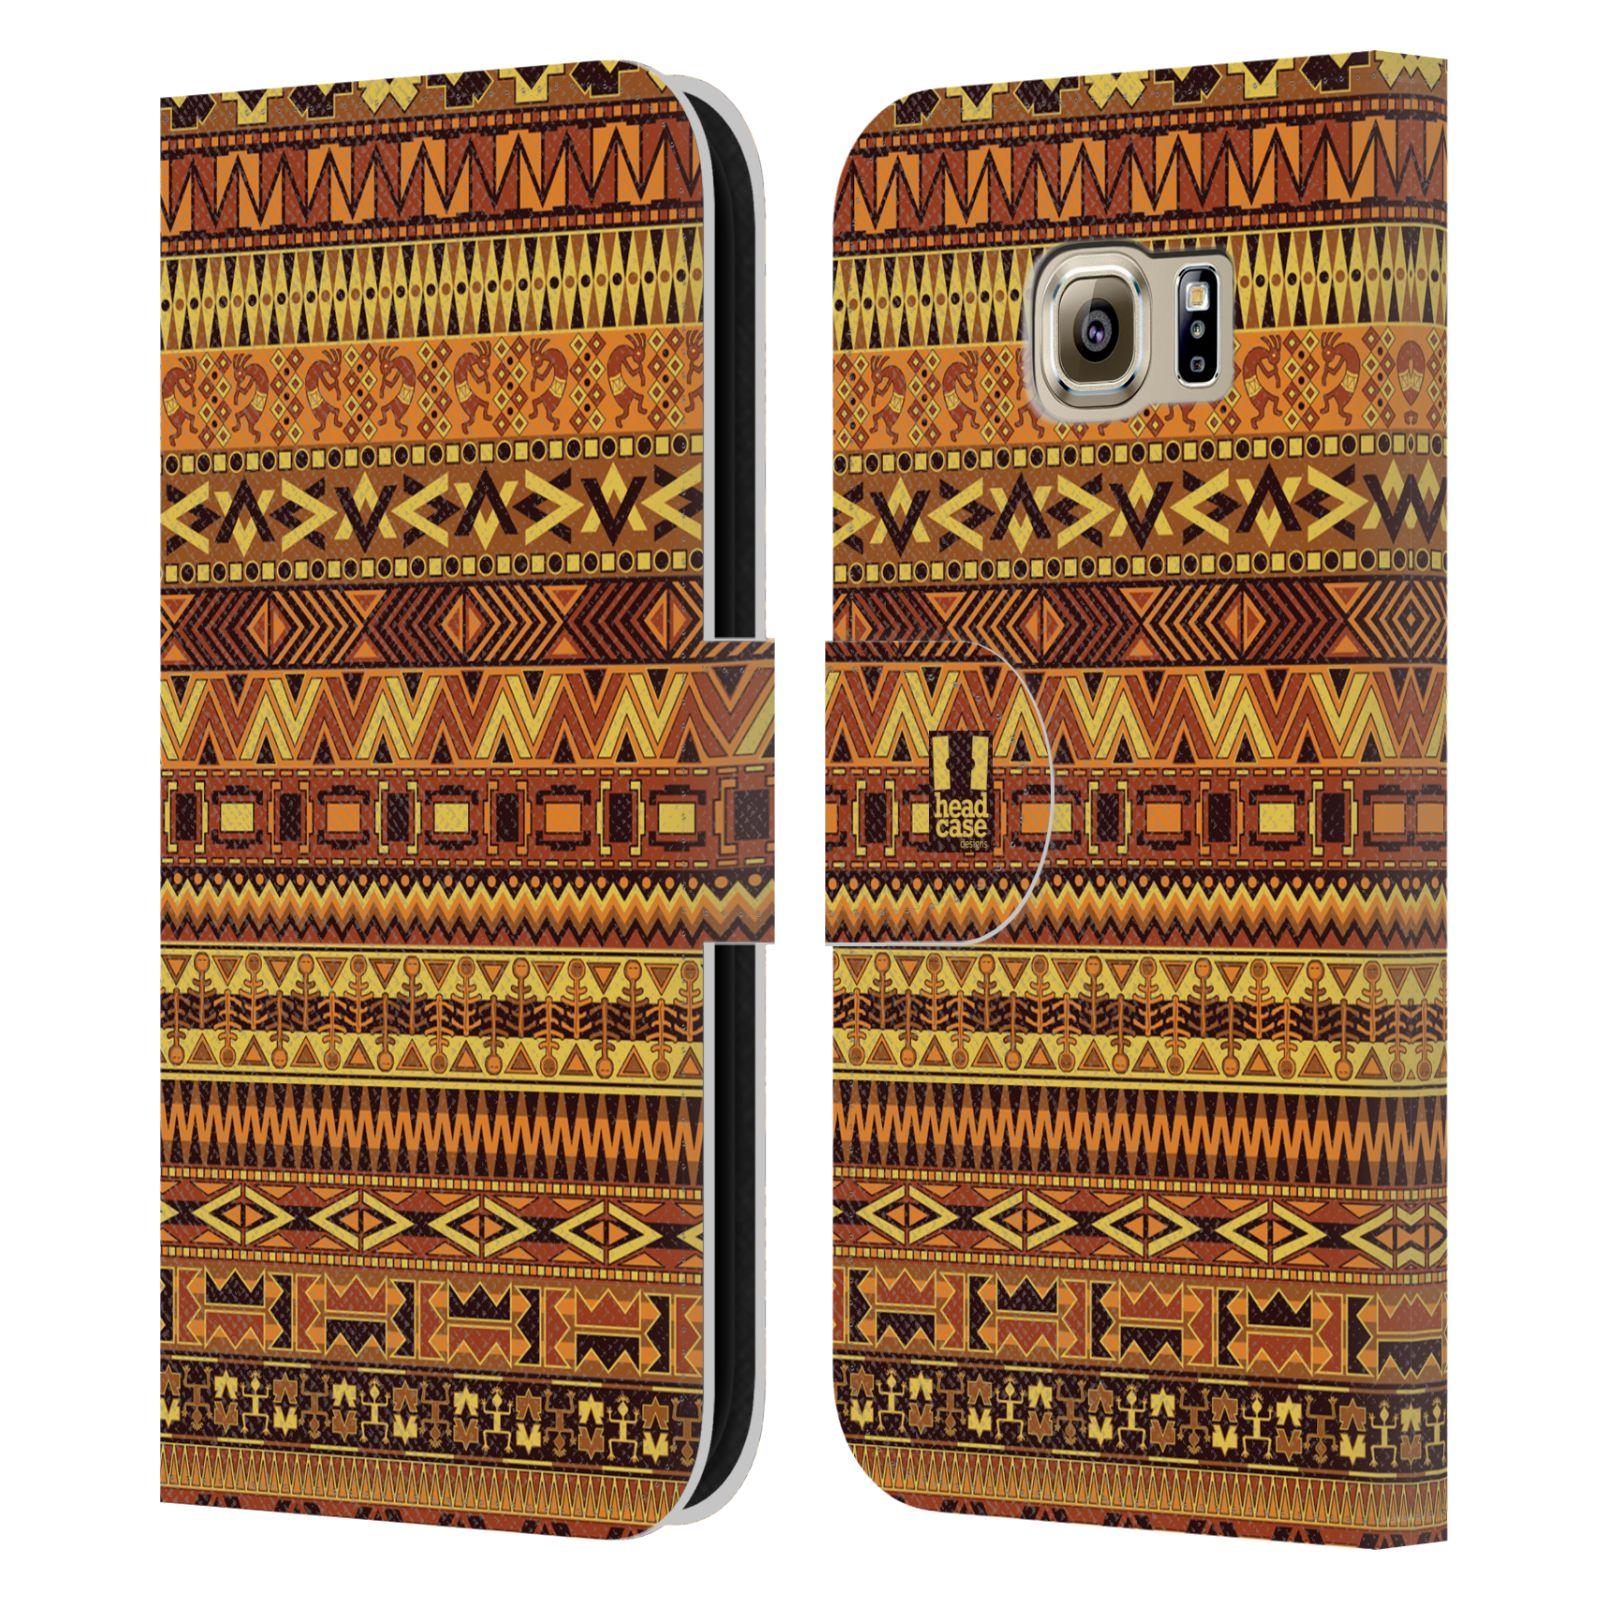 HEAD CASE Flipové pouzdro pro mobil Samsung Galaxy S6 (G9200) Indiánský vzor YELLOW žlutá